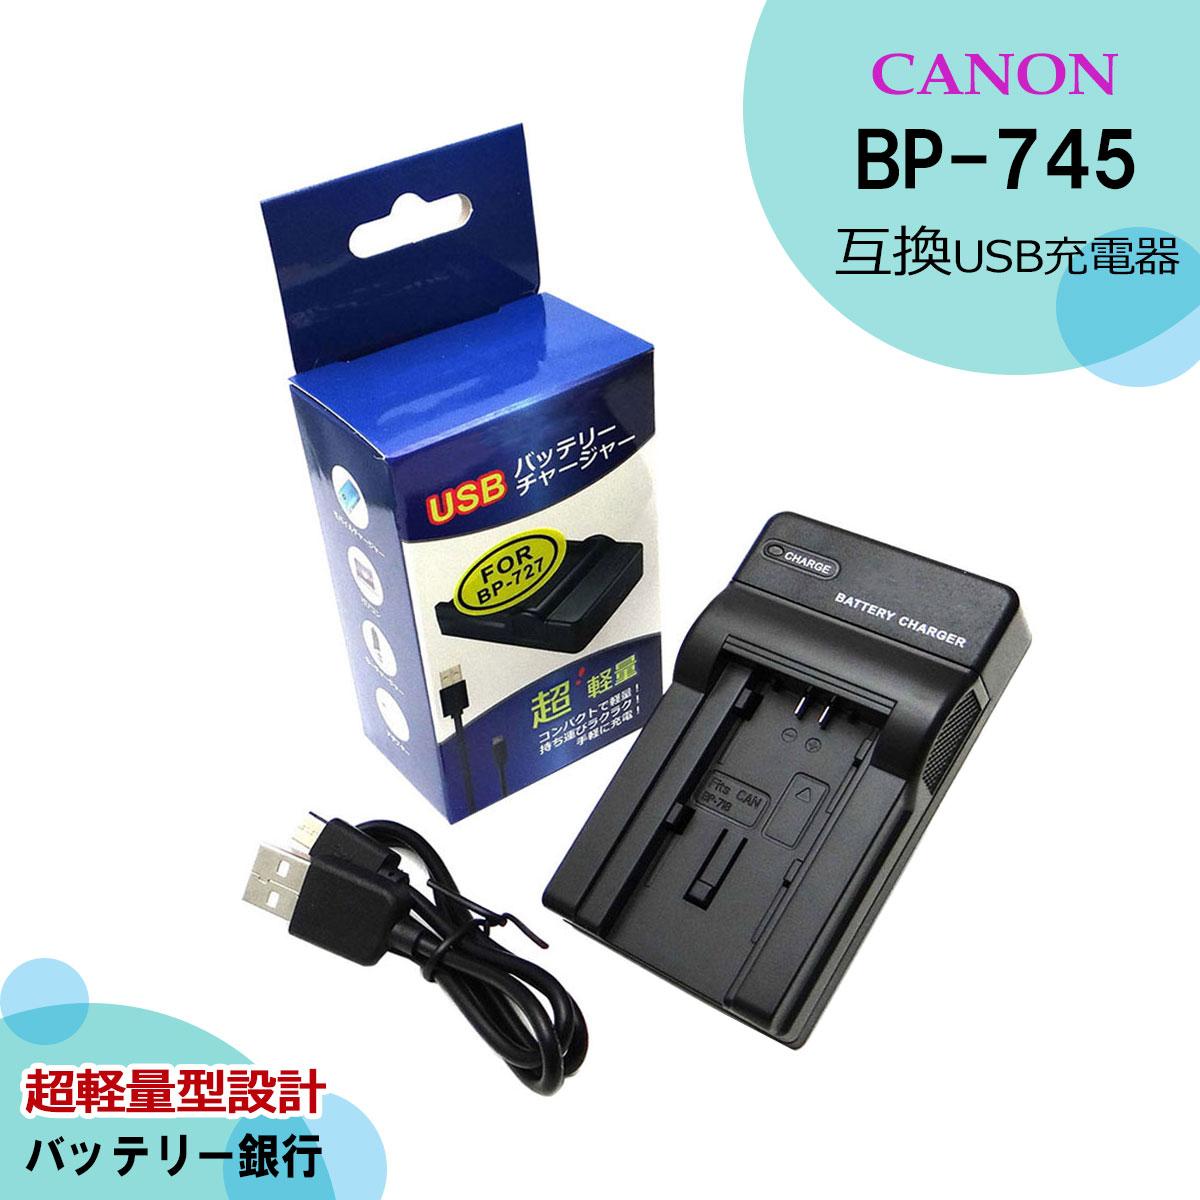 キャノン Canon CG-700 / BP-727 互換USB充電器 iVIS アイビス対応 iVIS HF M52 / iVIS HF M51 / iVIS HF R30 / iVIS HF R31 / iVIS H